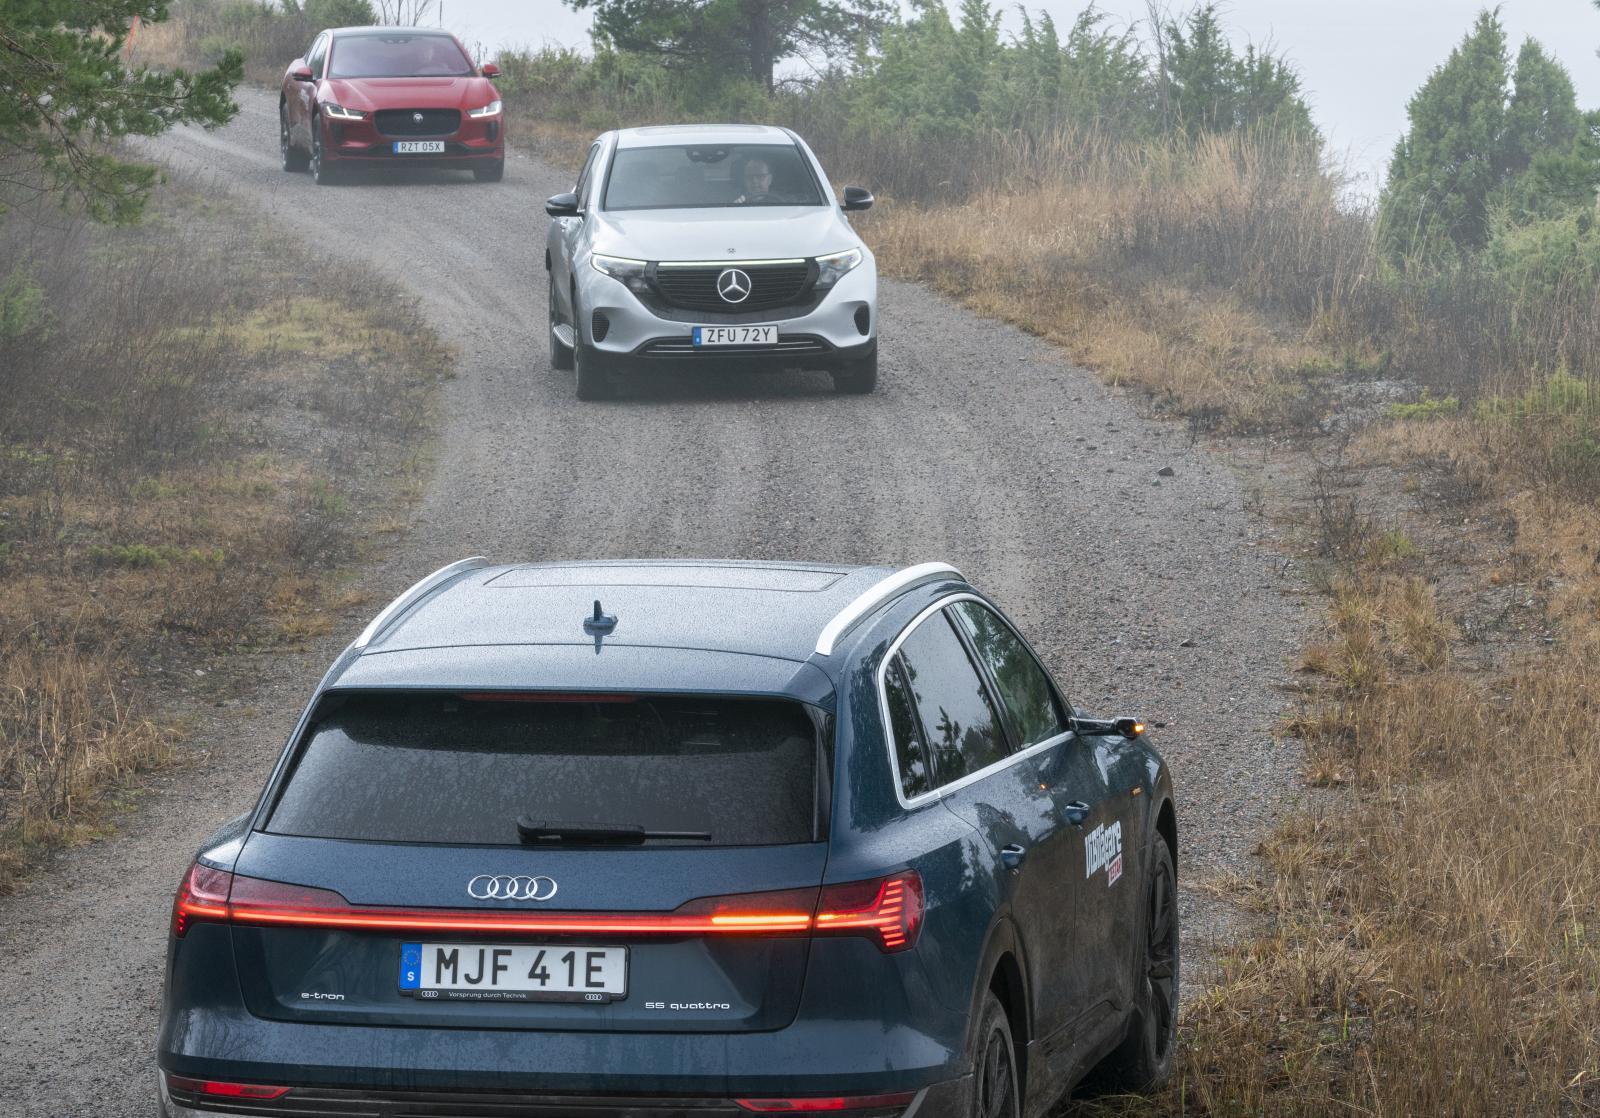 """Trots att det är plusgrader i luften avger biotestsjön dimslöjor värdiga John Bauer. Audi är lackad i  """"Galaxblå metallic"""". Mercedes """"High-tech silver"""". Jaguar """"Firenze Red""""."""